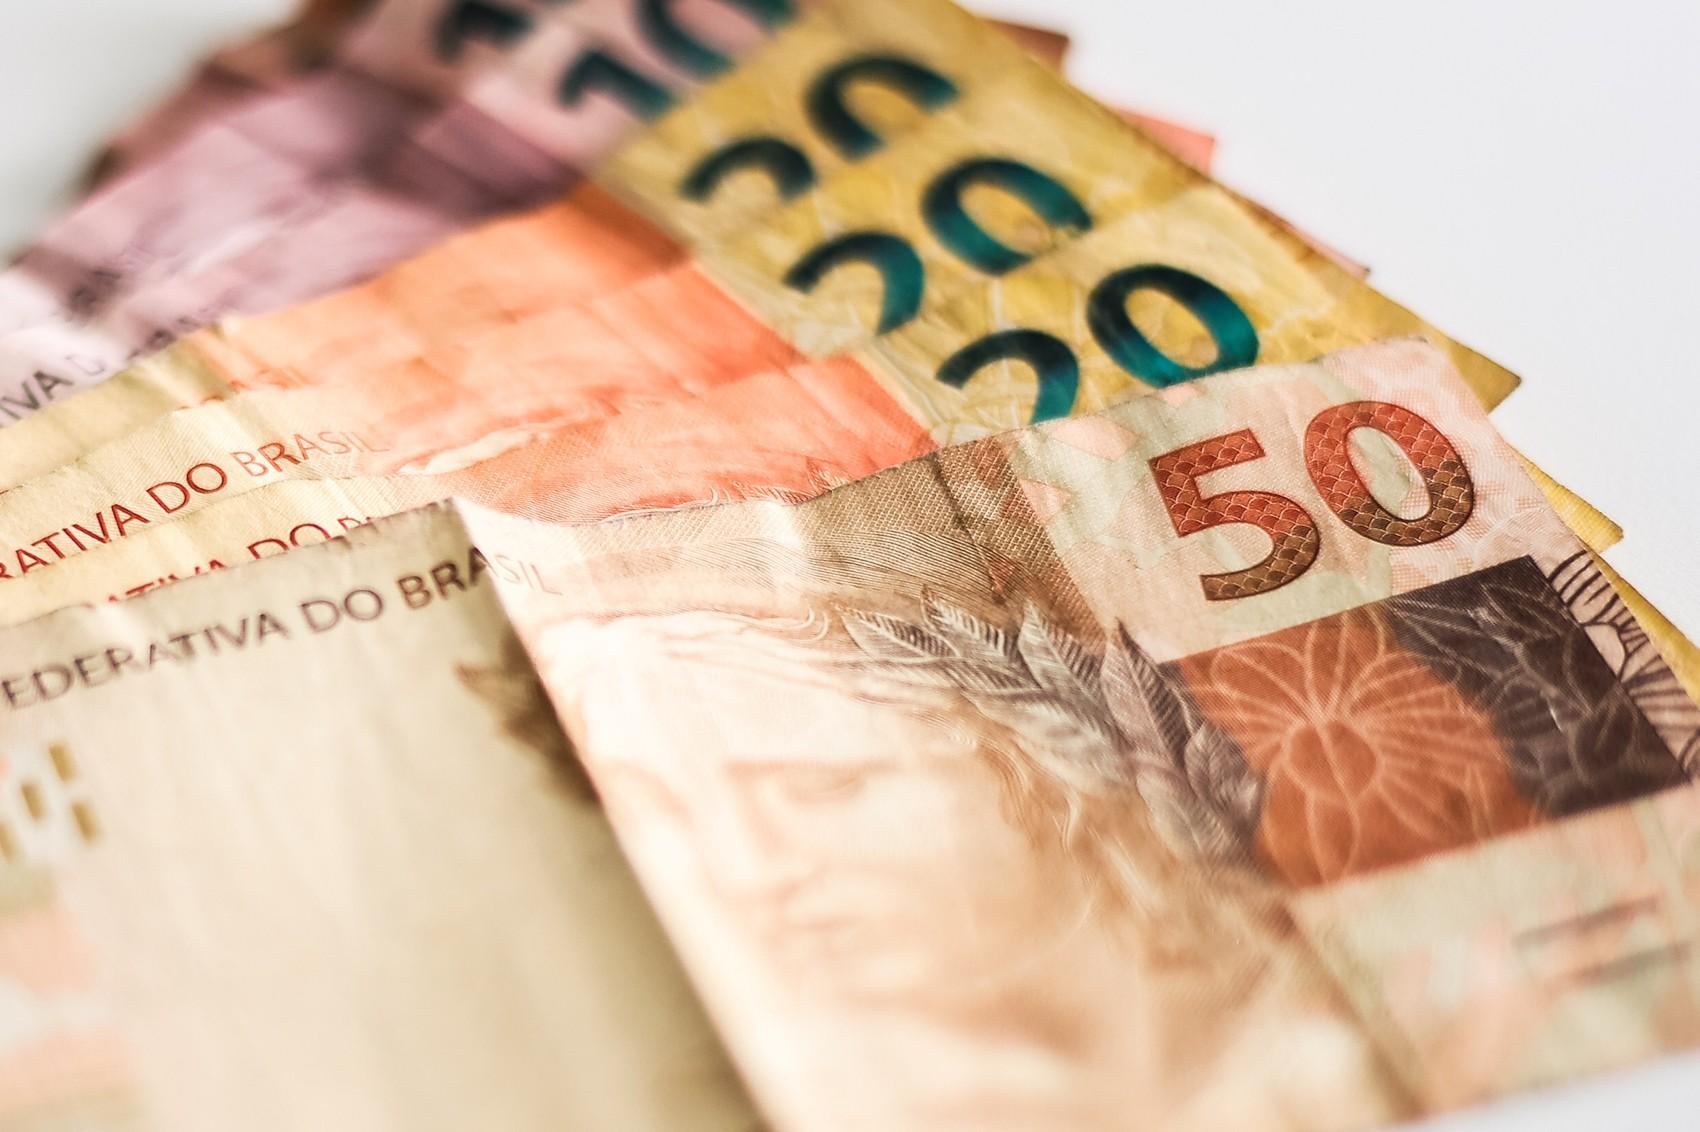 Maioria dos municípios do Amapá paga parcelado o 13º salário dos servidores públicos em 2020